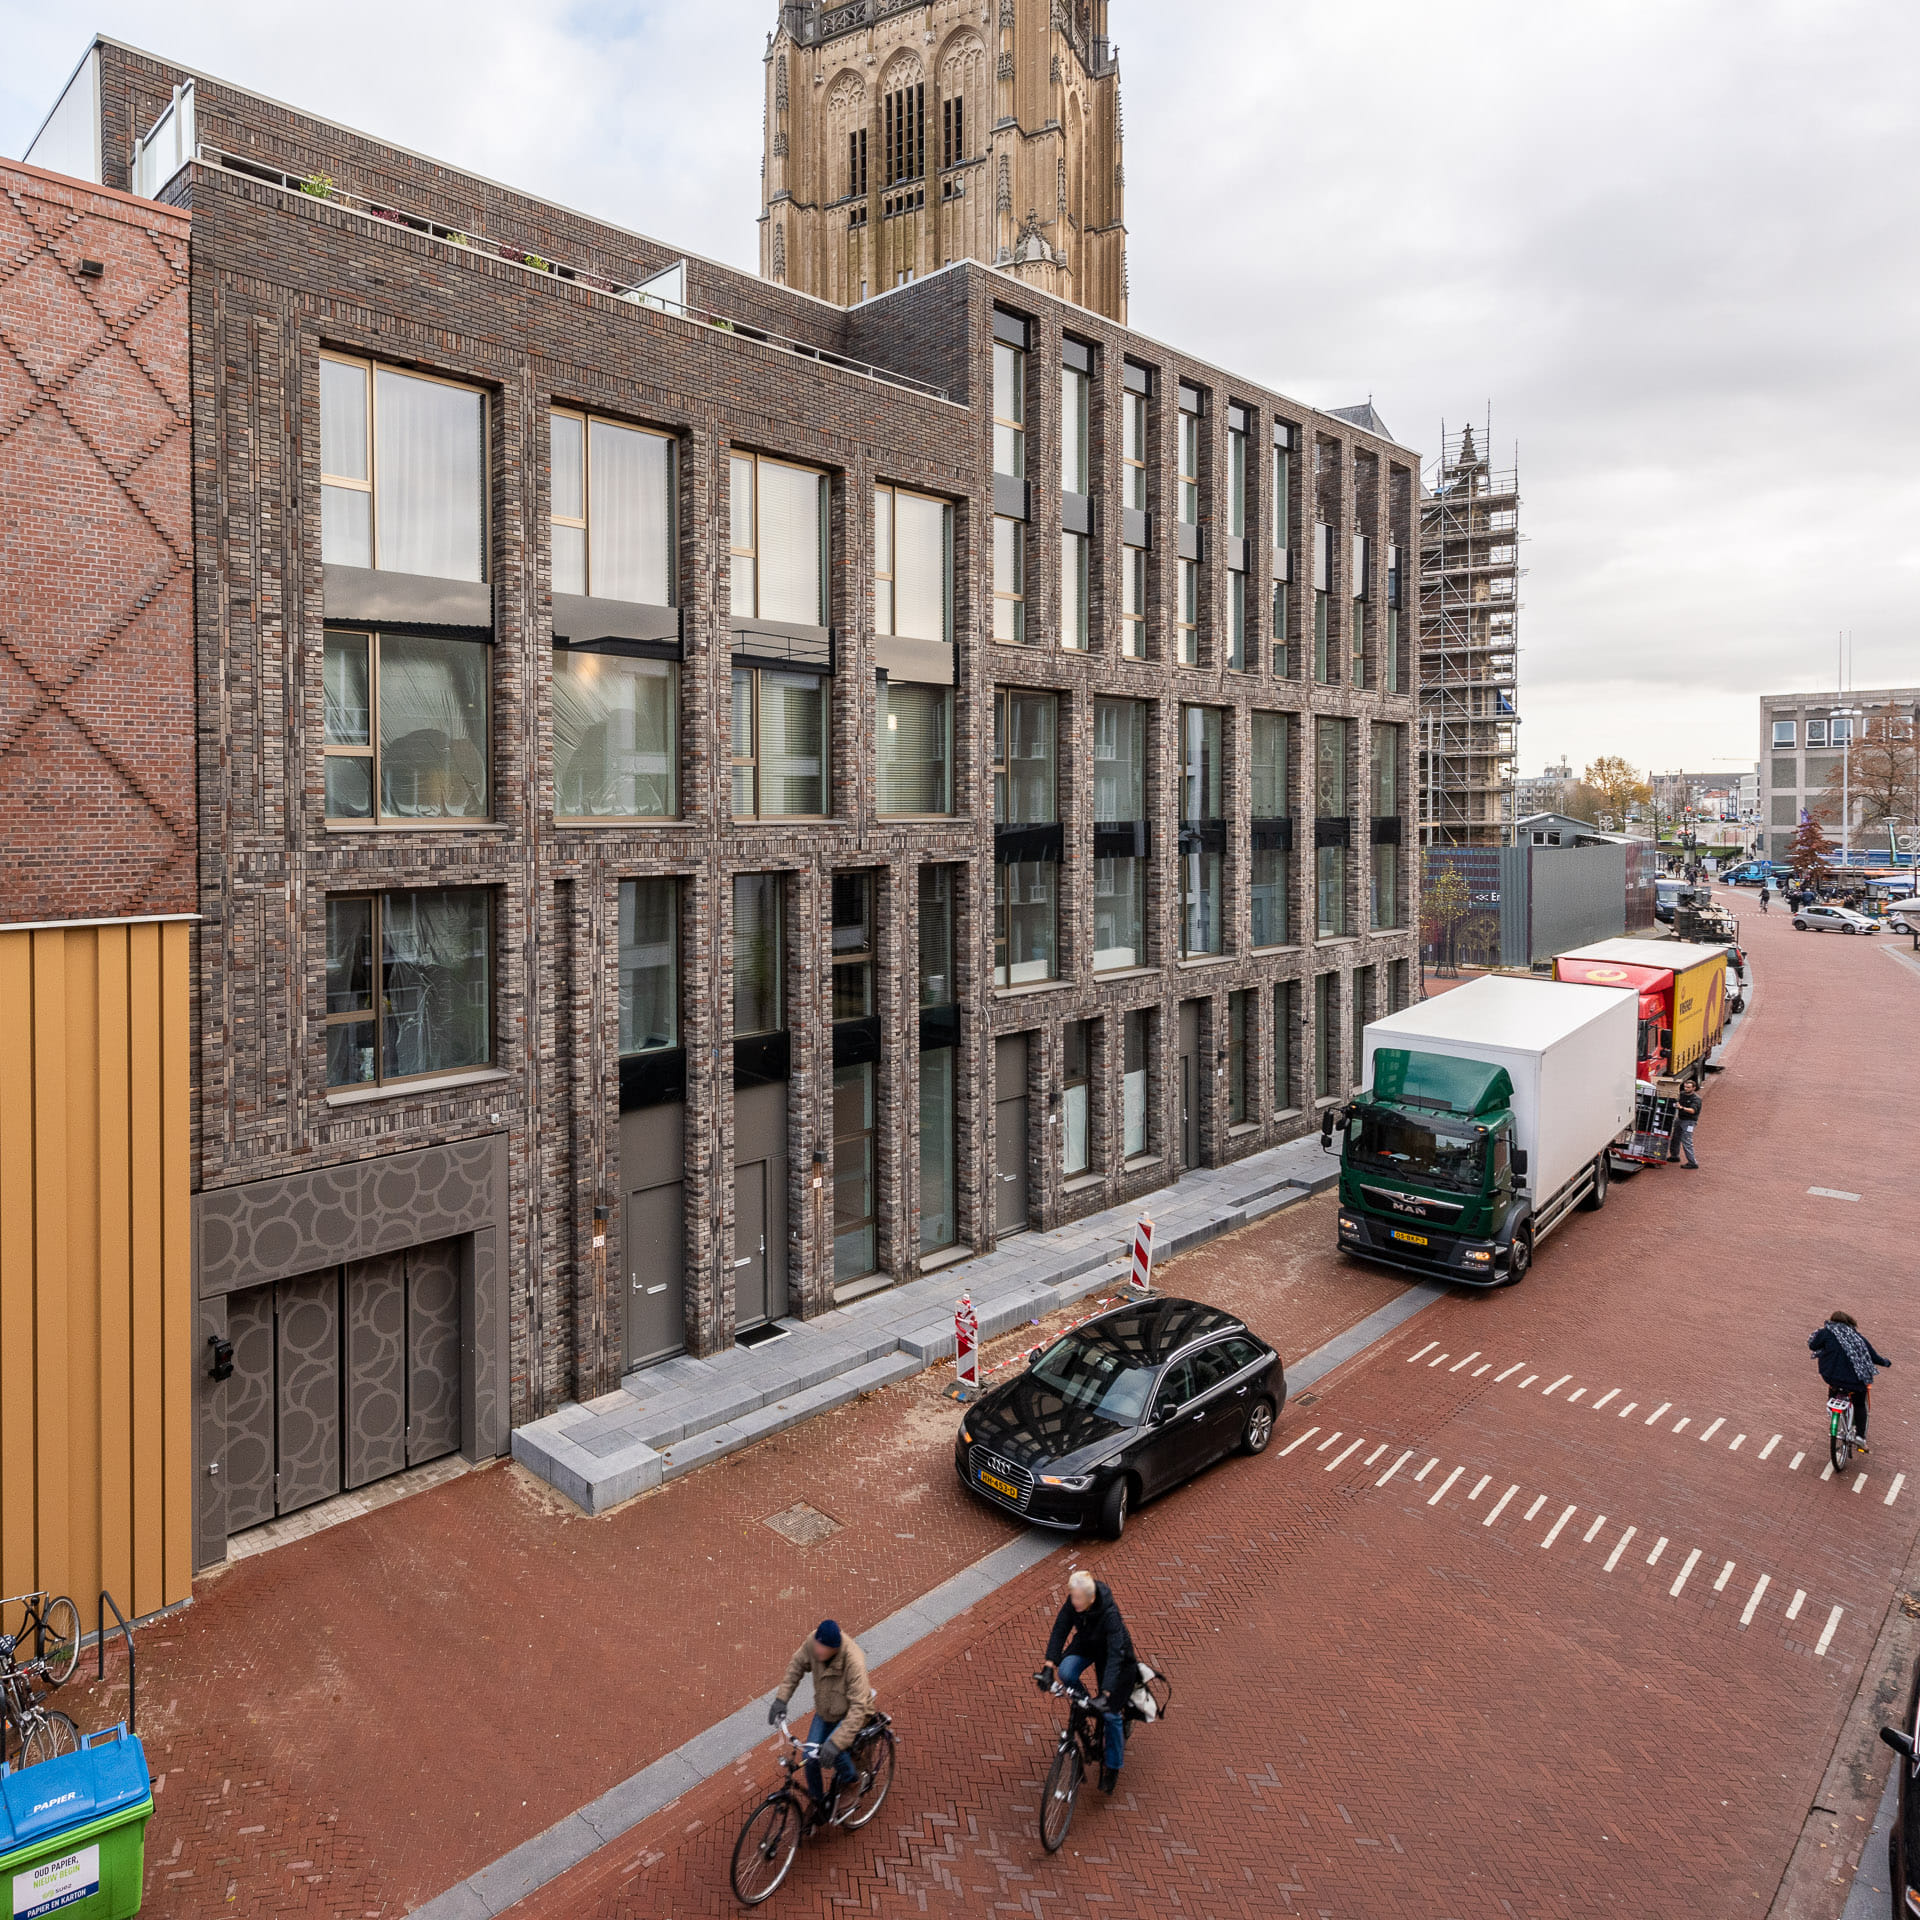 Gebouw met lichte gevel met op de voorgrond een straat met fietsers en auto's en busjes